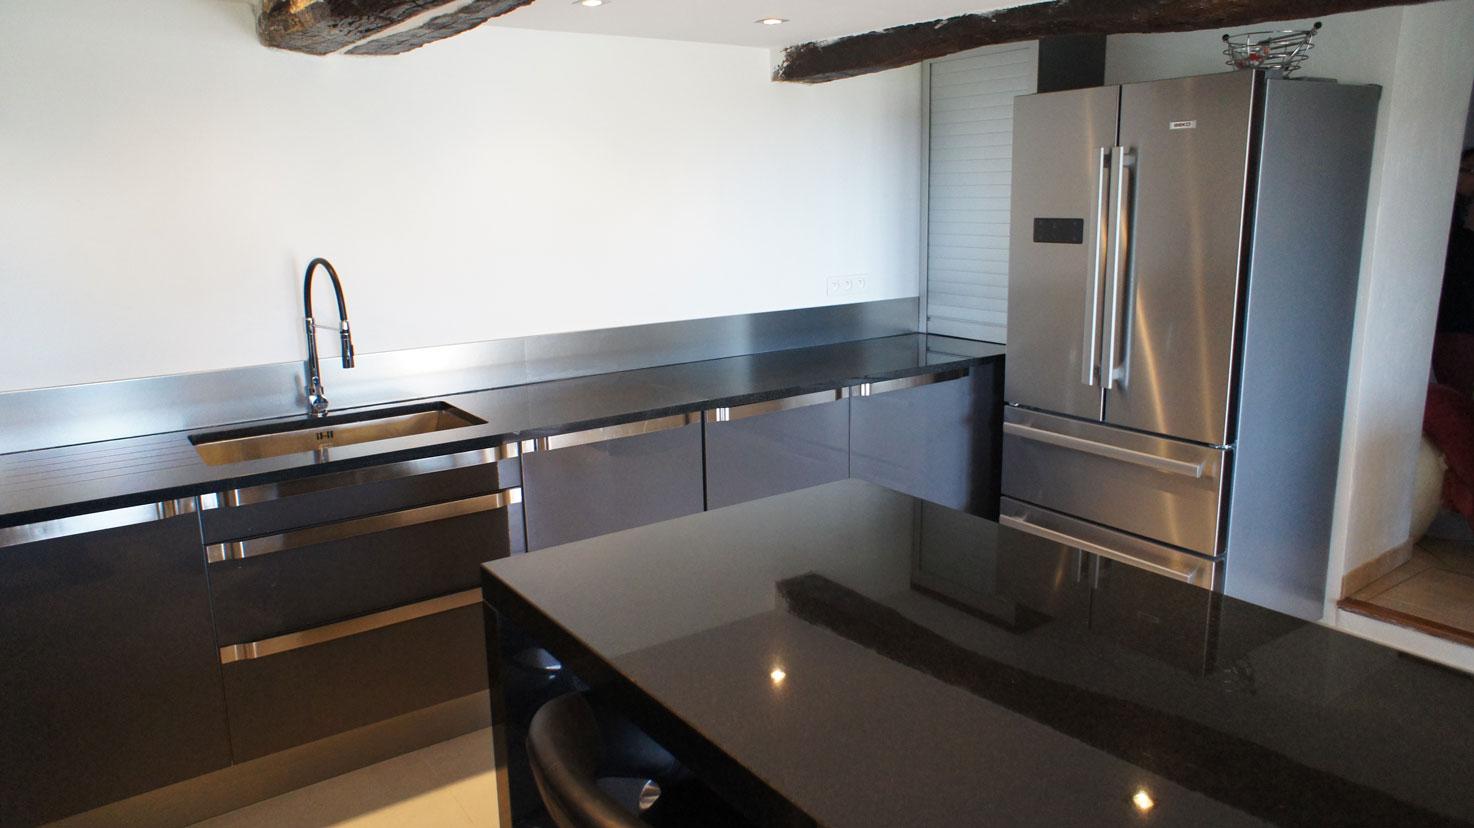 Кухонная столешница из черного гранита9